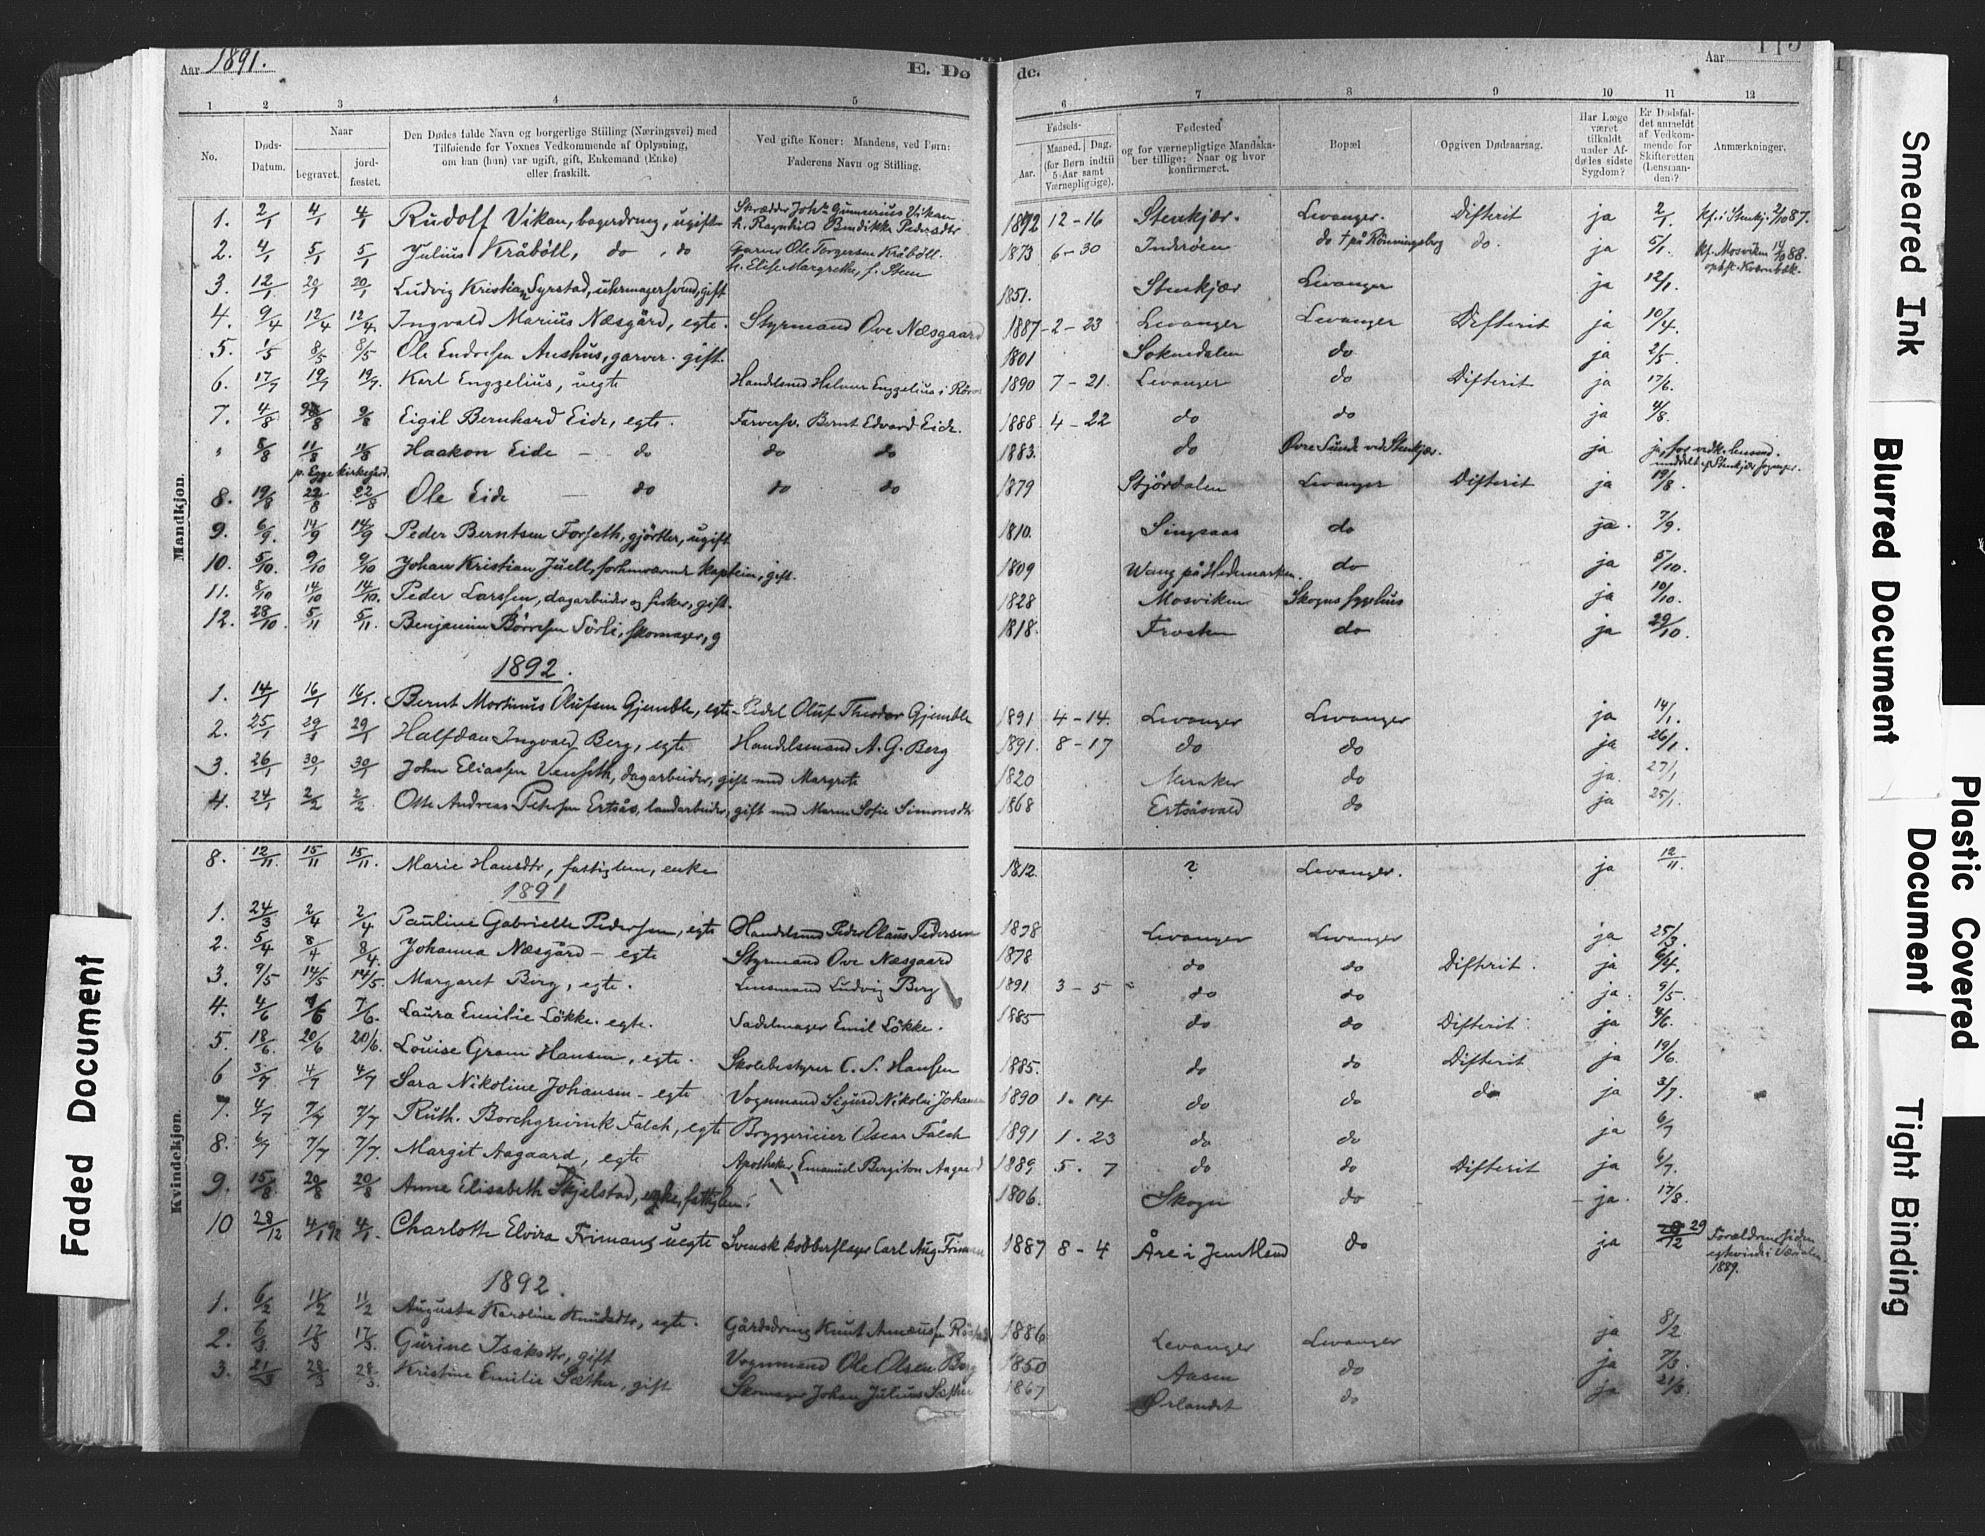 SAT, Ministerialprotokoller, klokkerbøker og fødselsregistre - Nord-Trøndelag, 720/L0189: Ministerialbok nr. 720A05, 1880-1911, s. 115